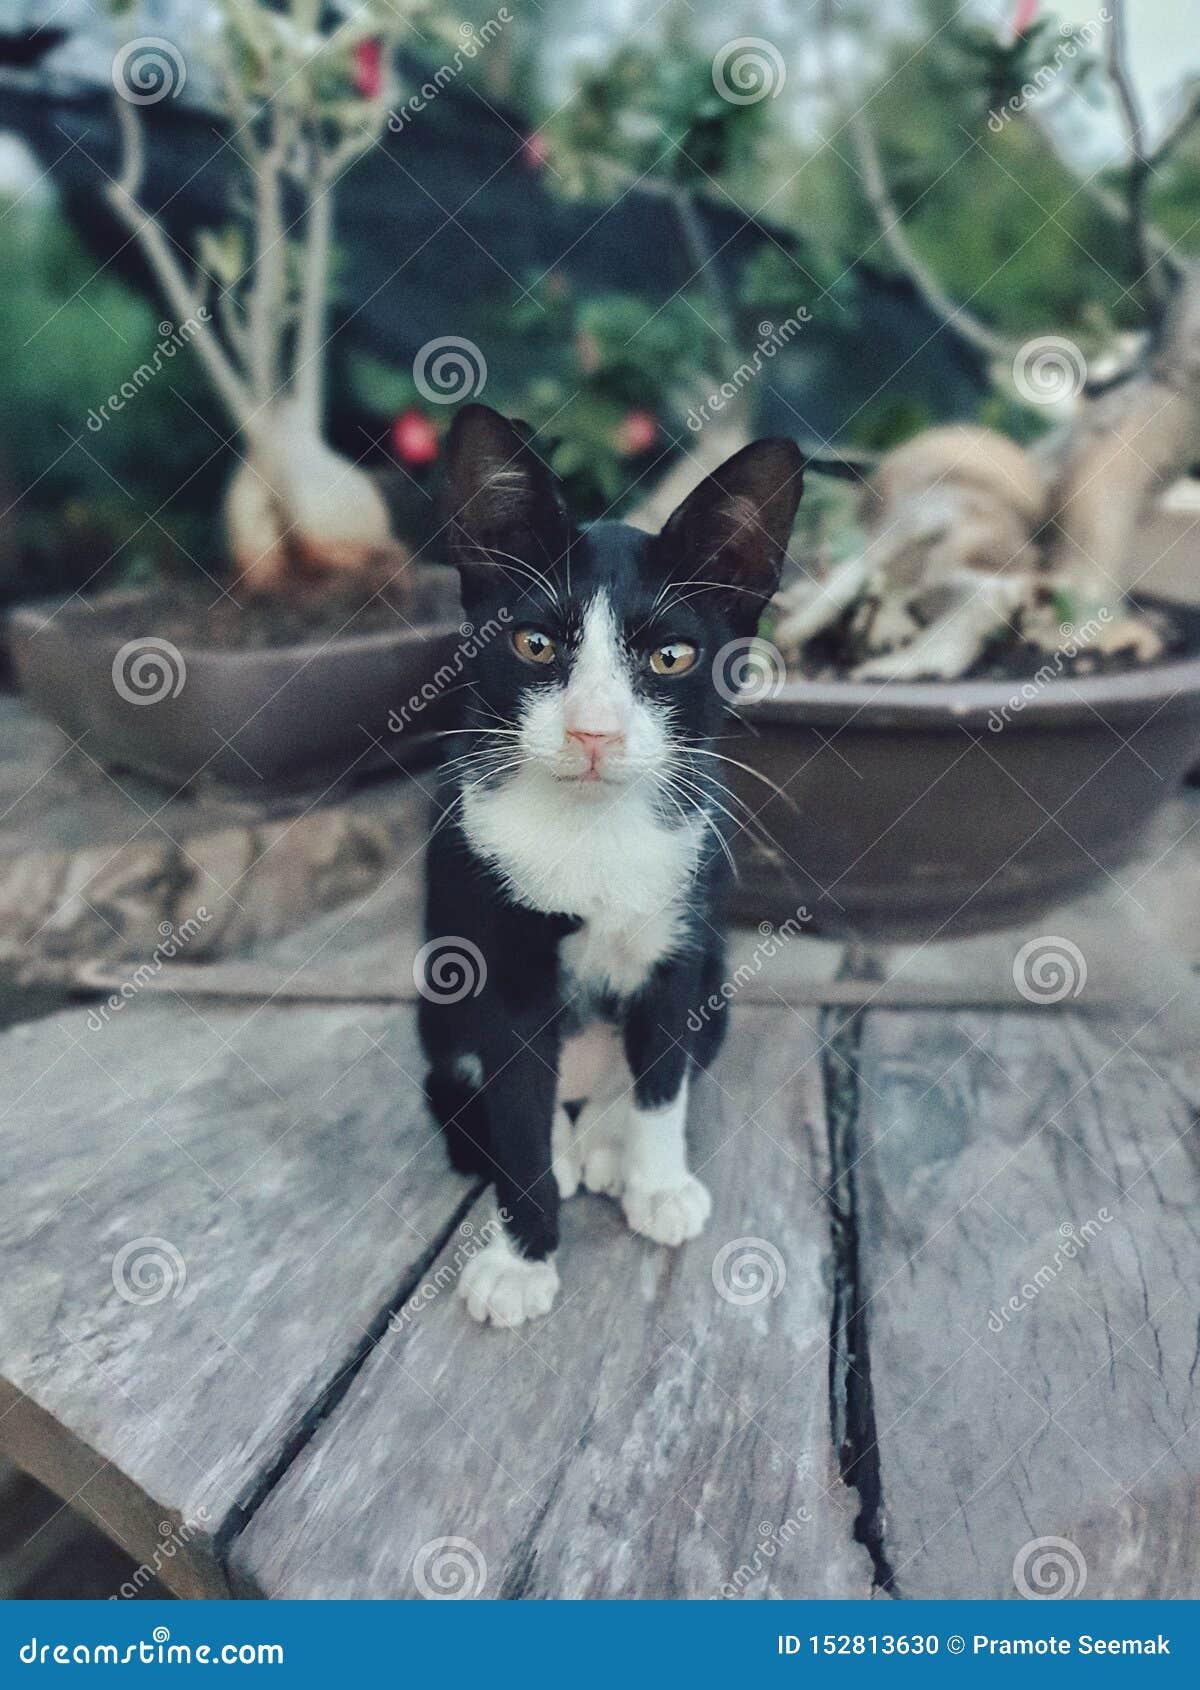 O gato pequeno siamese, o specie tailandês de gatos famosos em Tailândia